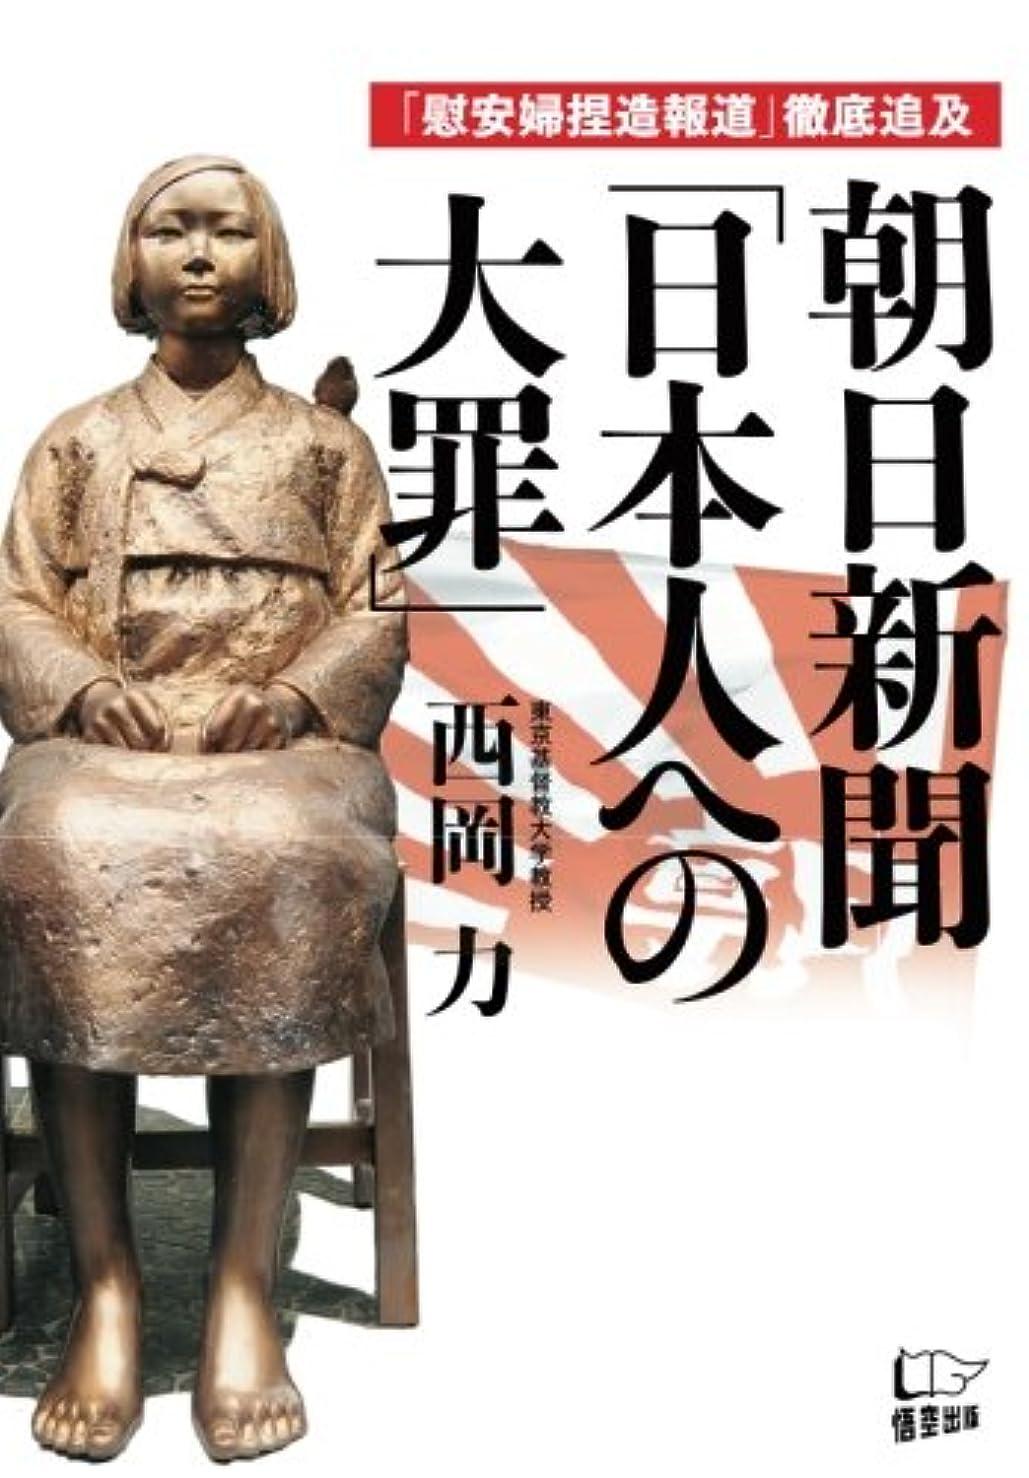 パーツカーペットさておき朝日新聞「日本人への大罪」